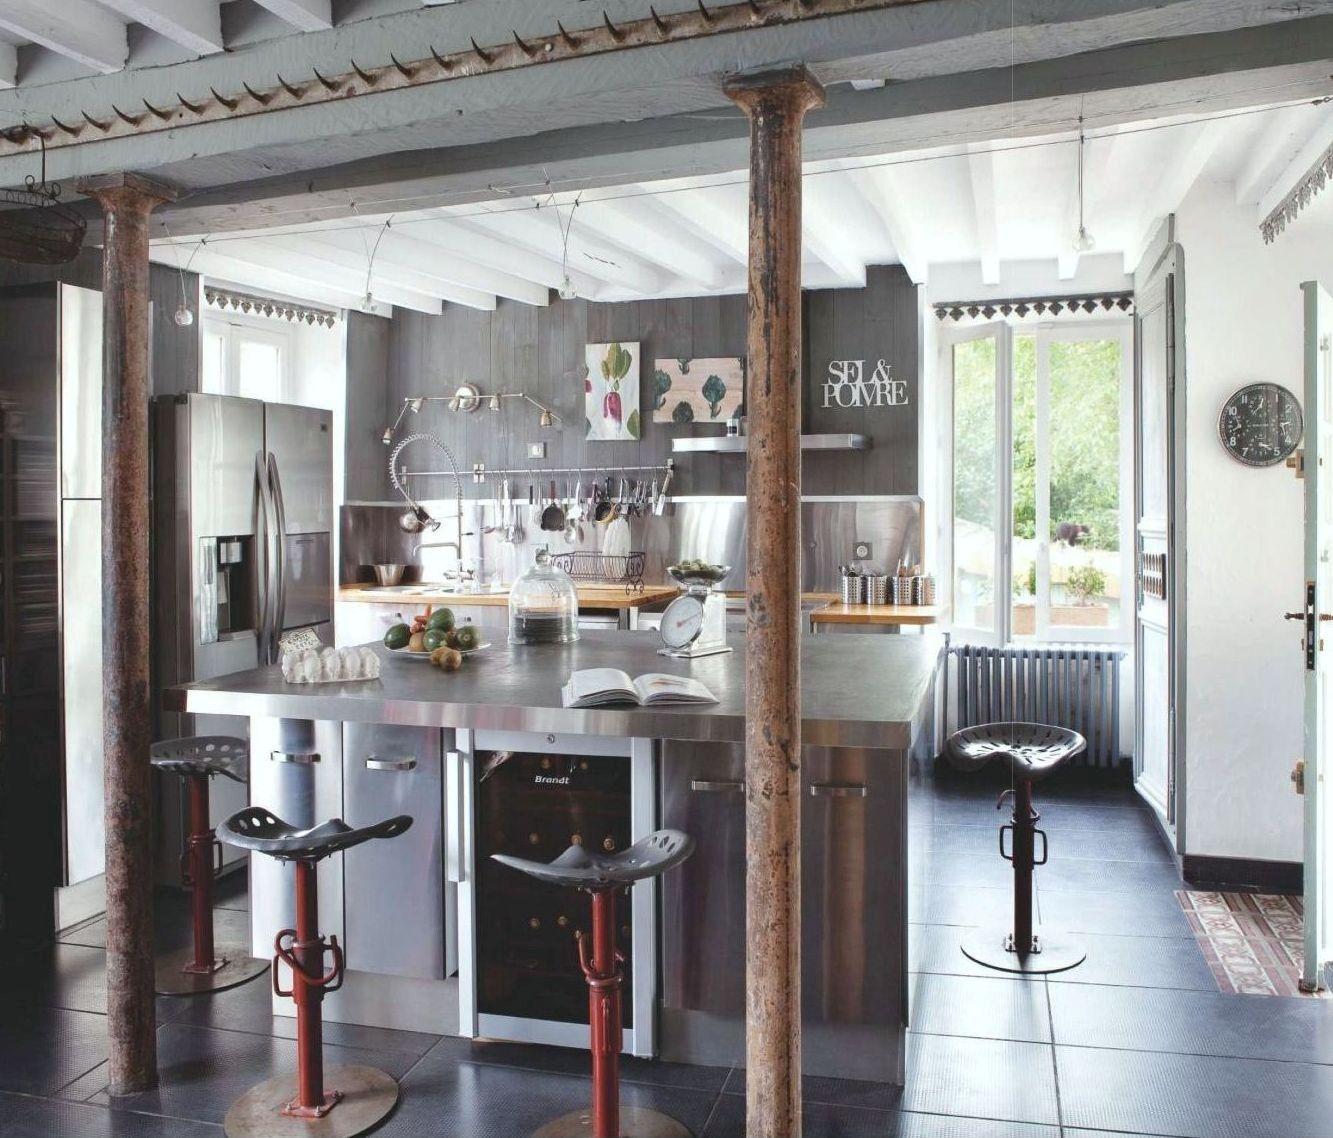 Cocina estilo industrial cocina industrial pinterest for Decoracion de cocinas industriales